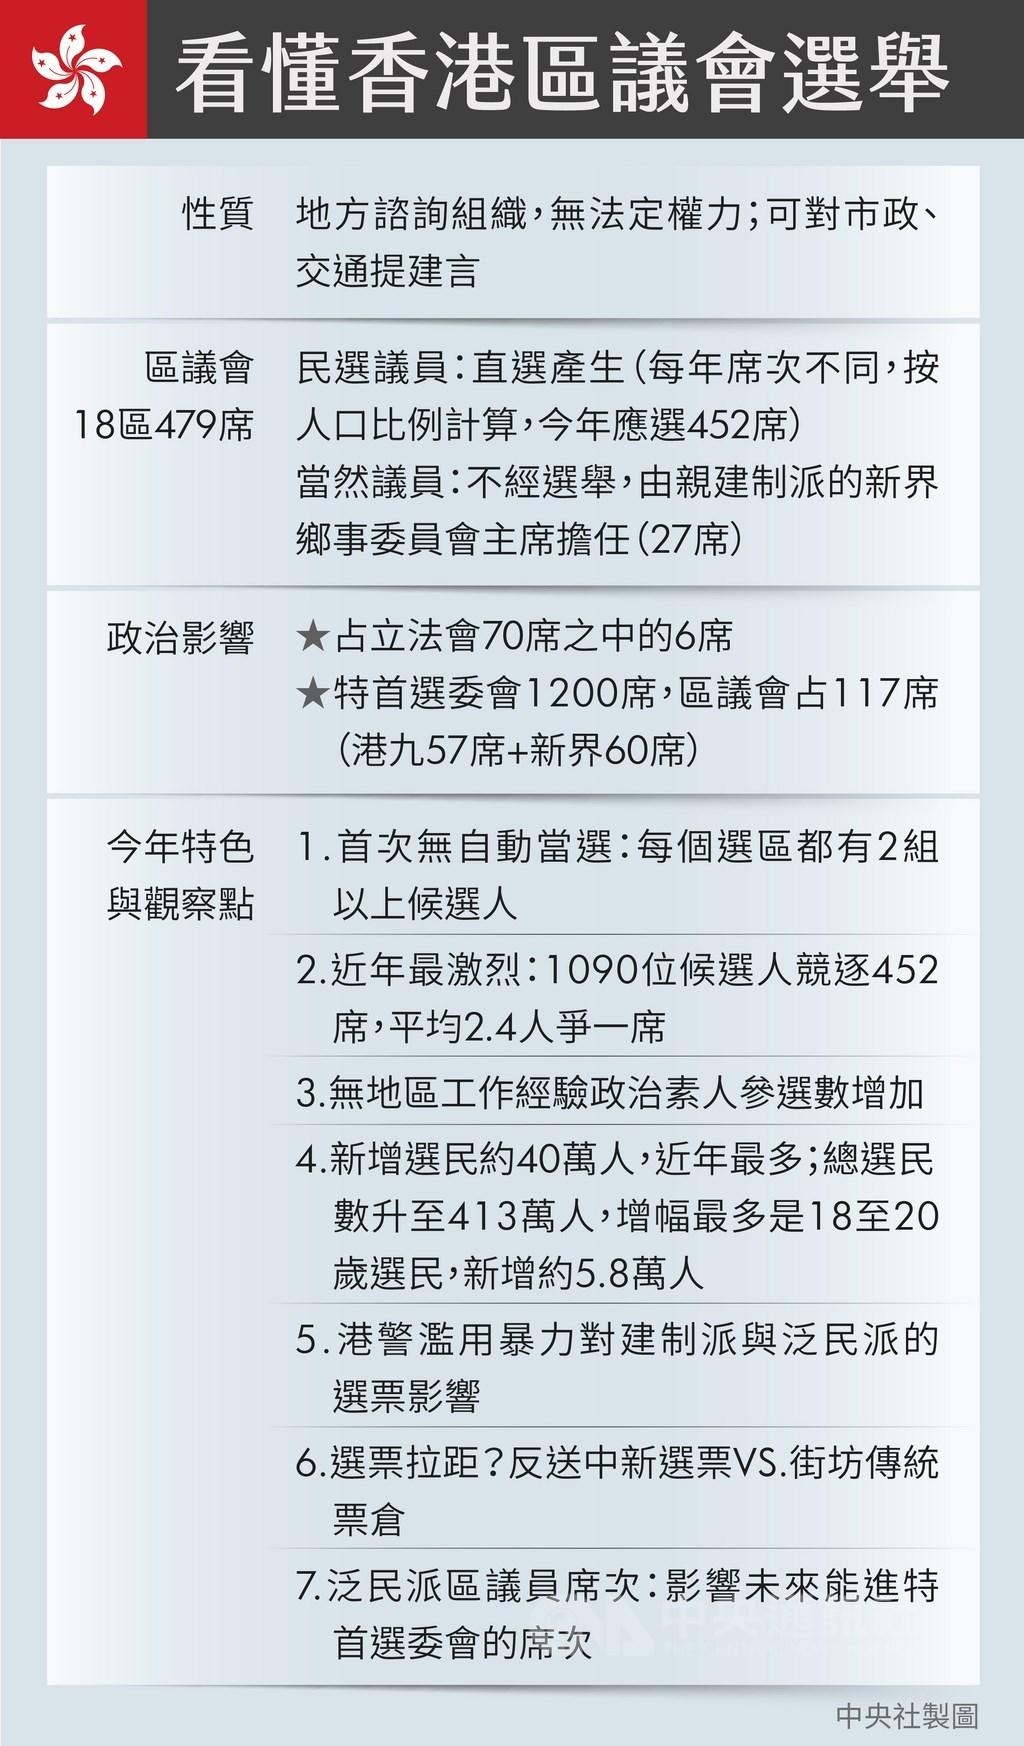 區議會僅為諮詢組織,但因是基層行政機關,成為香港政壇各黨派鞏固地方政治資源的灘頭堡。(中央社製表)